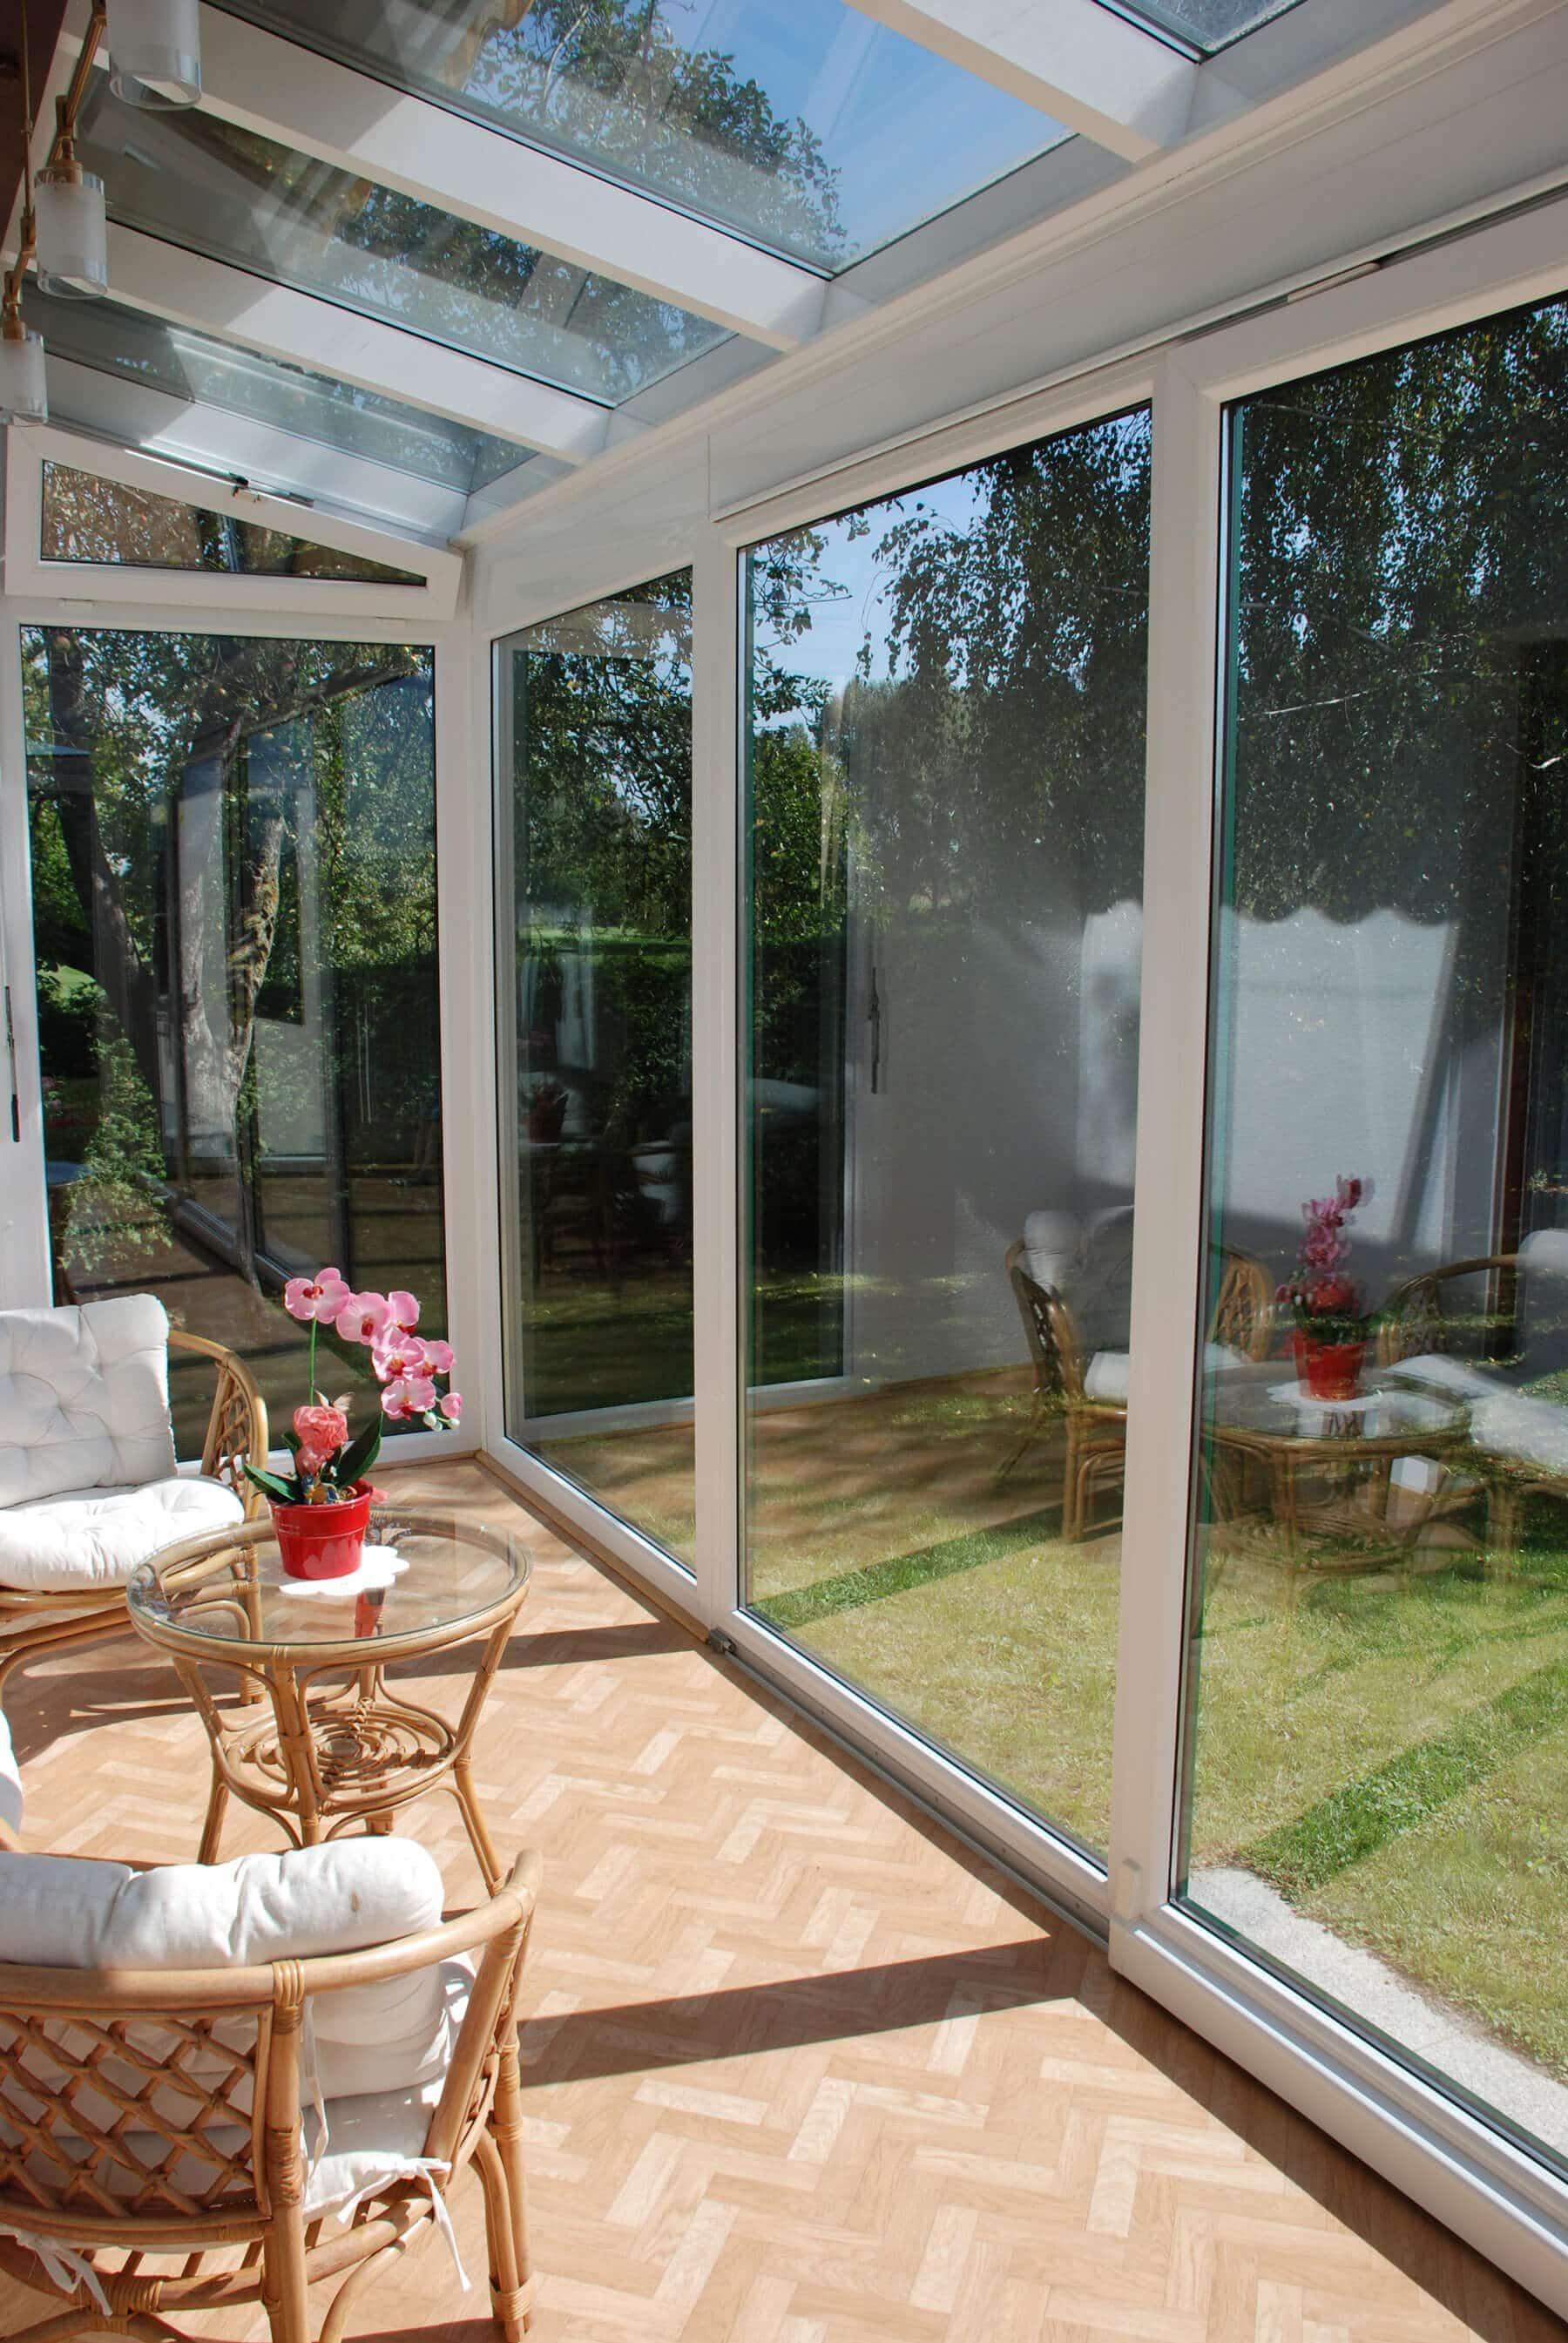 Wintergarten auf Terrasse montiert mit Glas